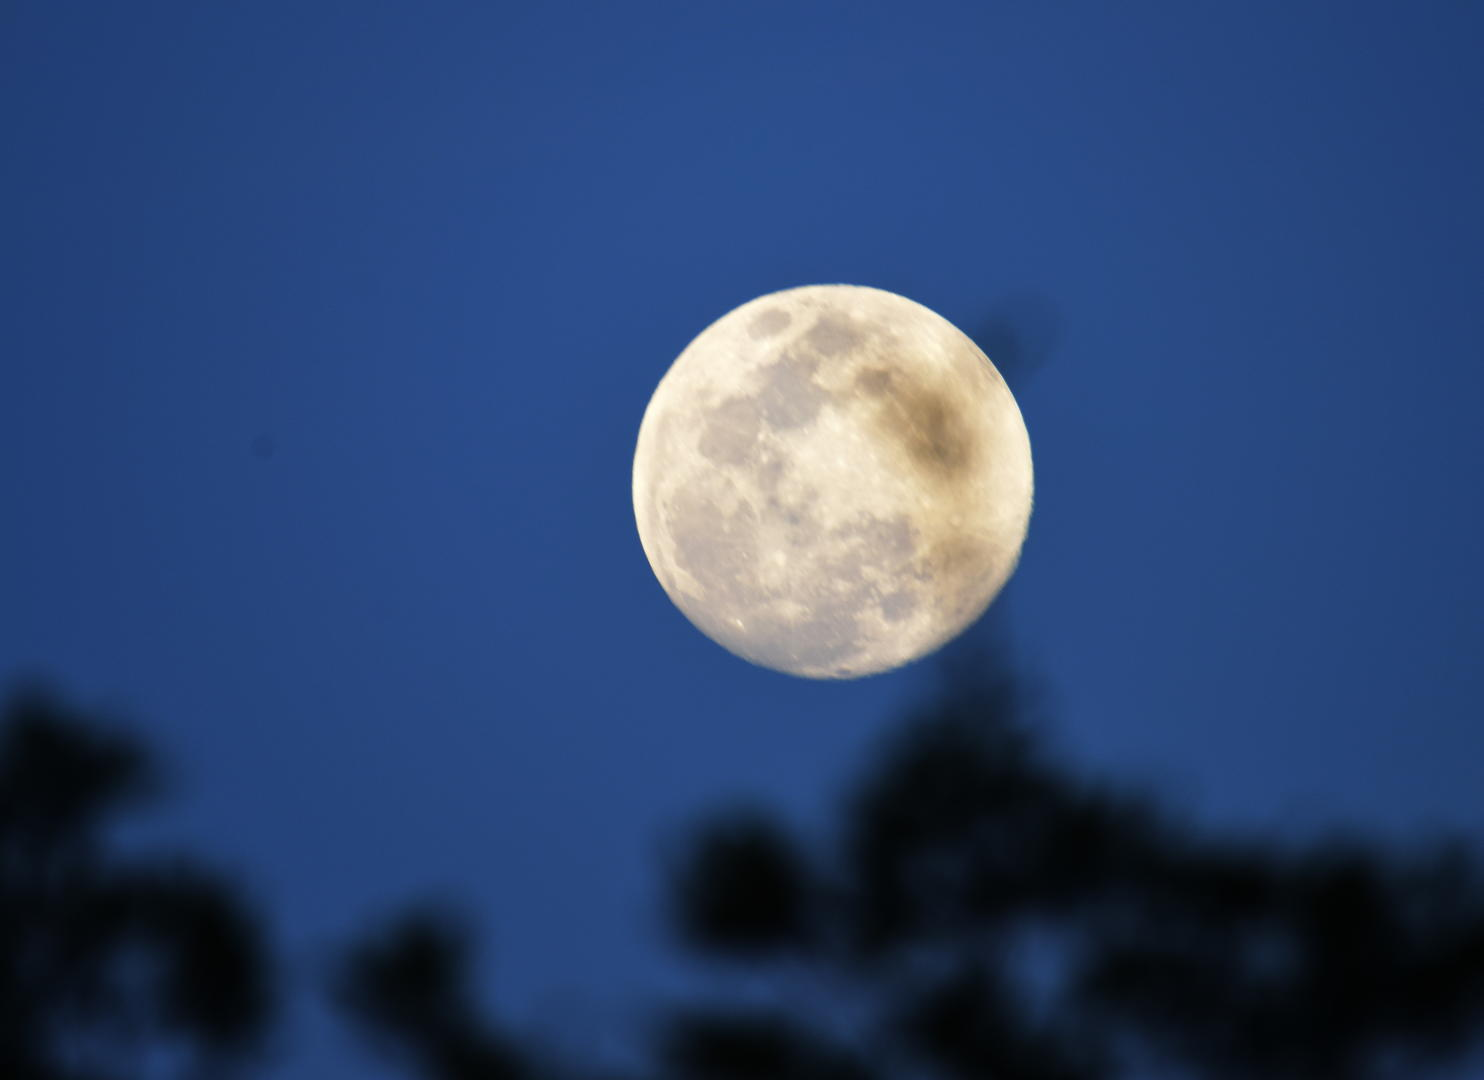 摩天测速:月亮今晚再现身今年最摩天测速后一次图片